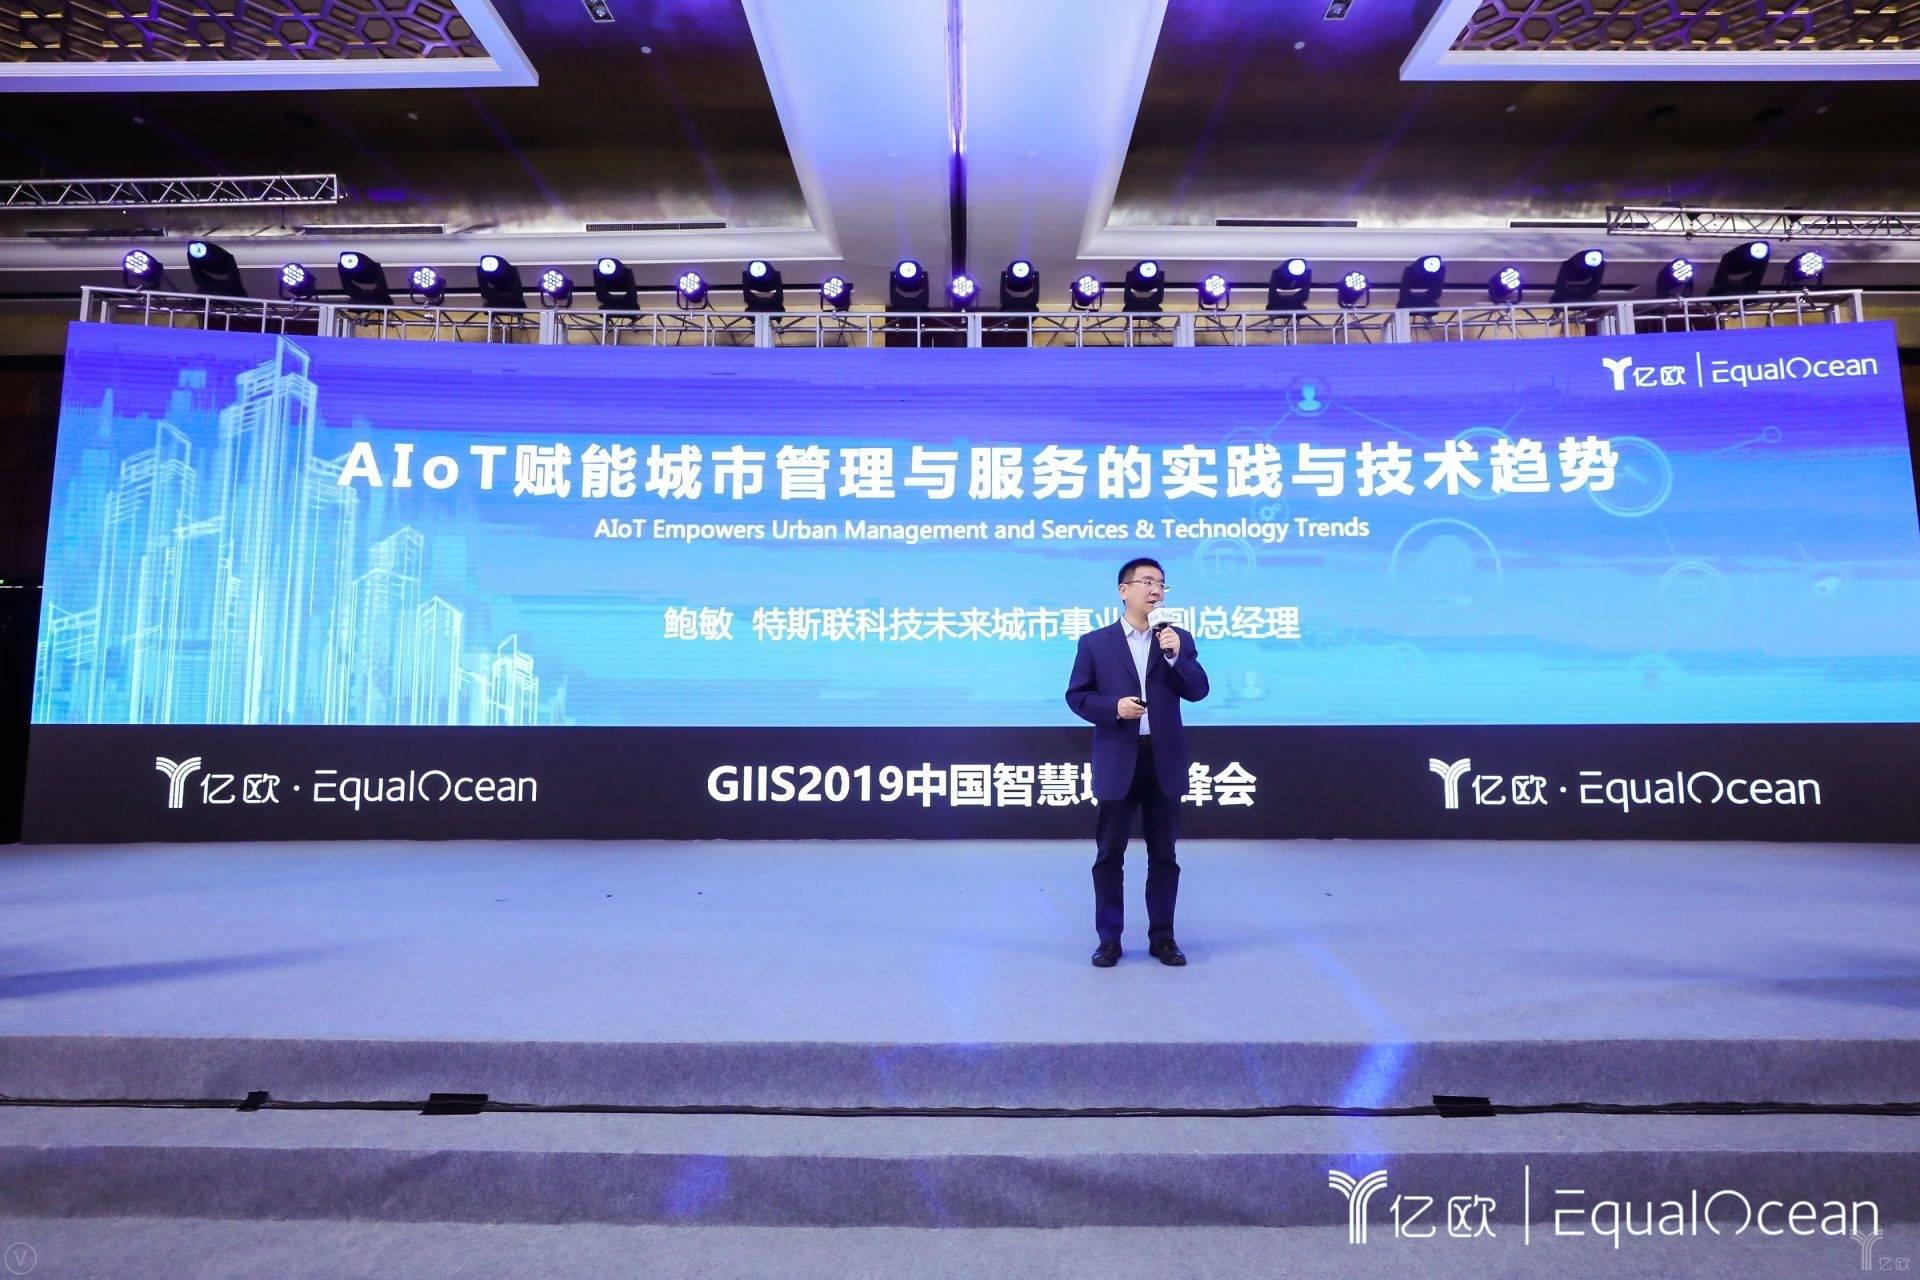 特斯联科技未来城市事业部鲍敏:AIoT不是行业,但却可赋能城市百业